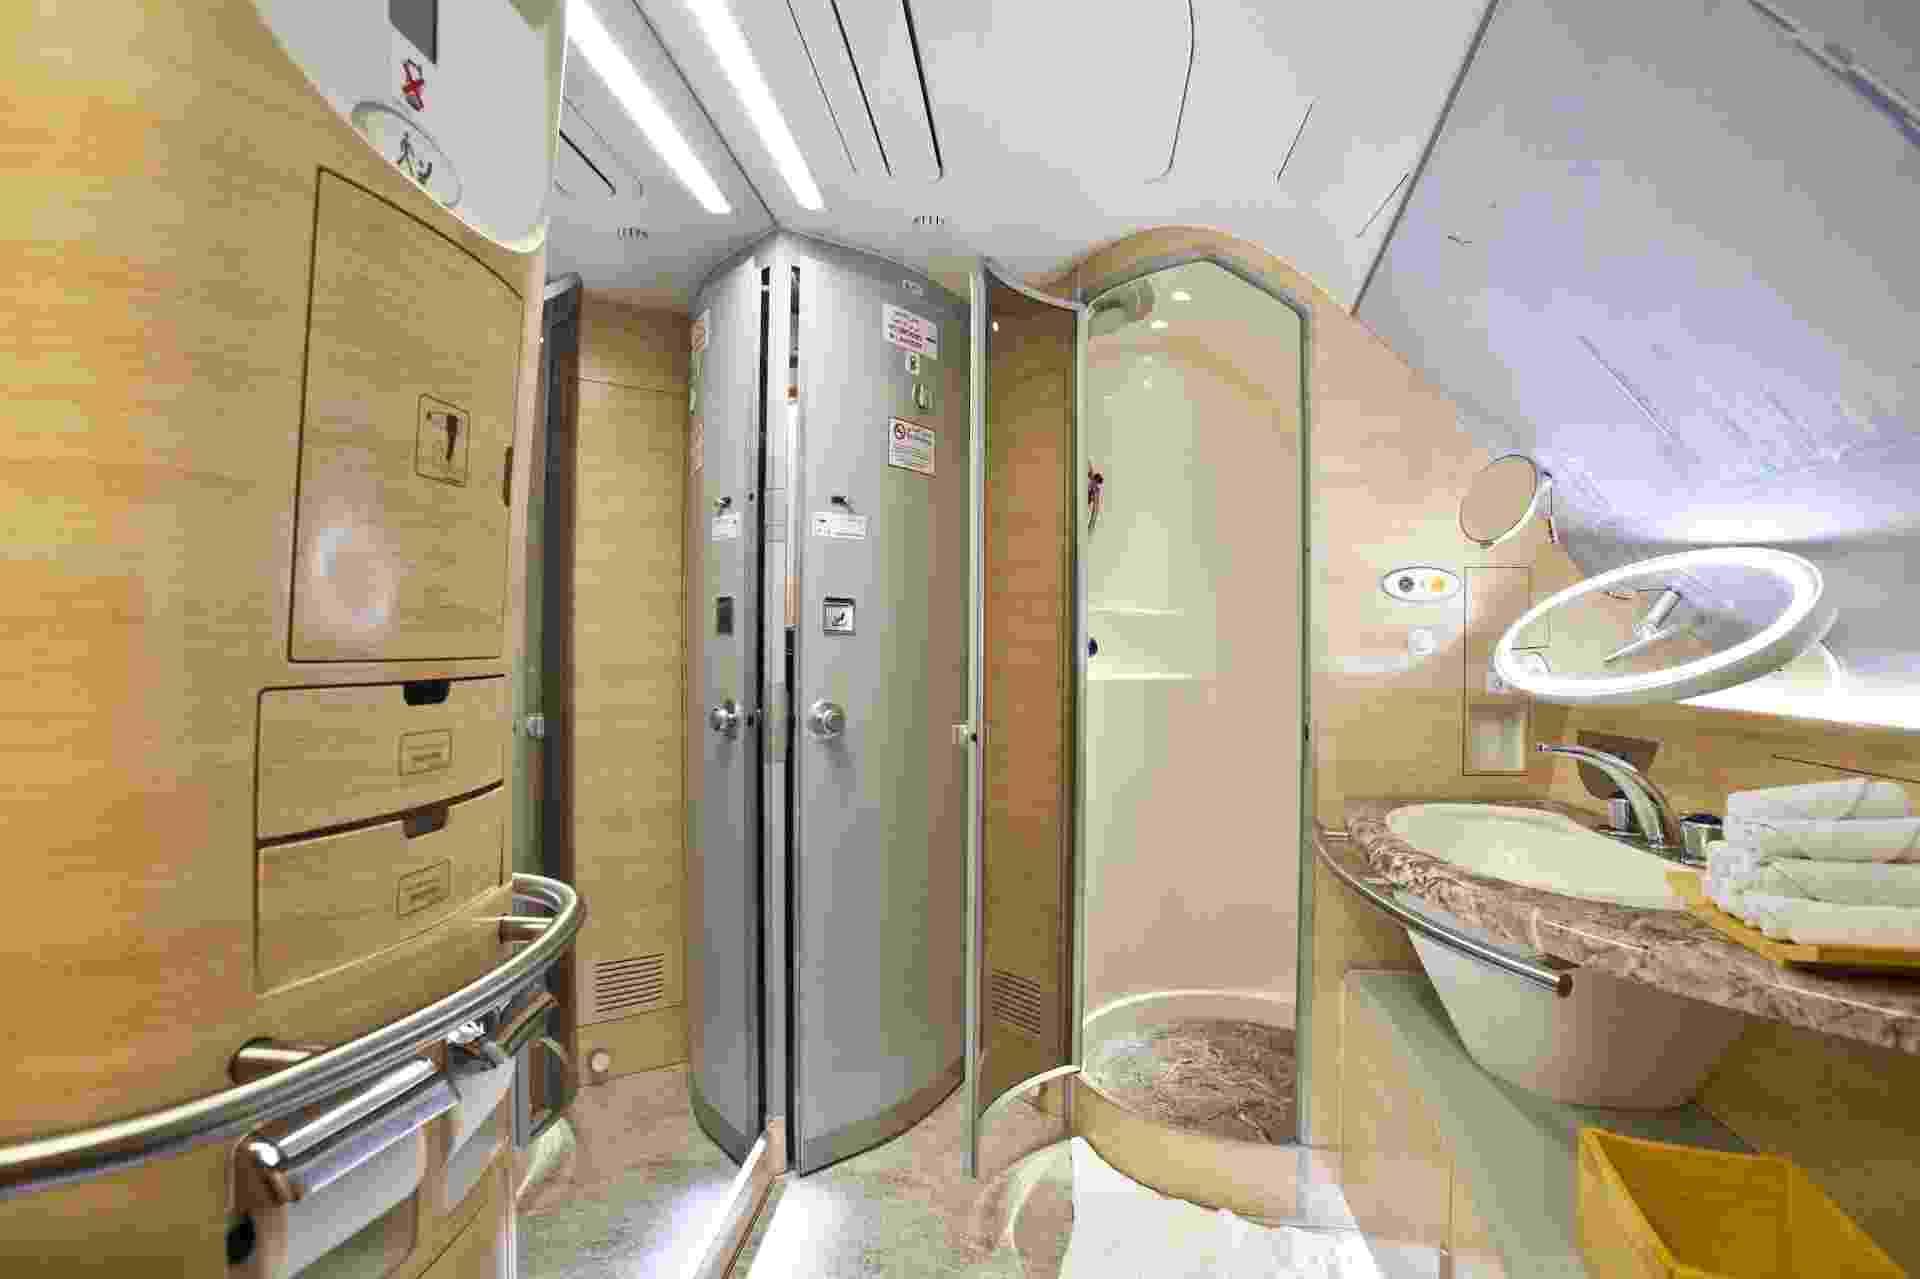 Cada passageiro da primeira classe pode usar o espaço durante meia hora, incluindo cinco minutos na ducha - Lucas Lima/UOL